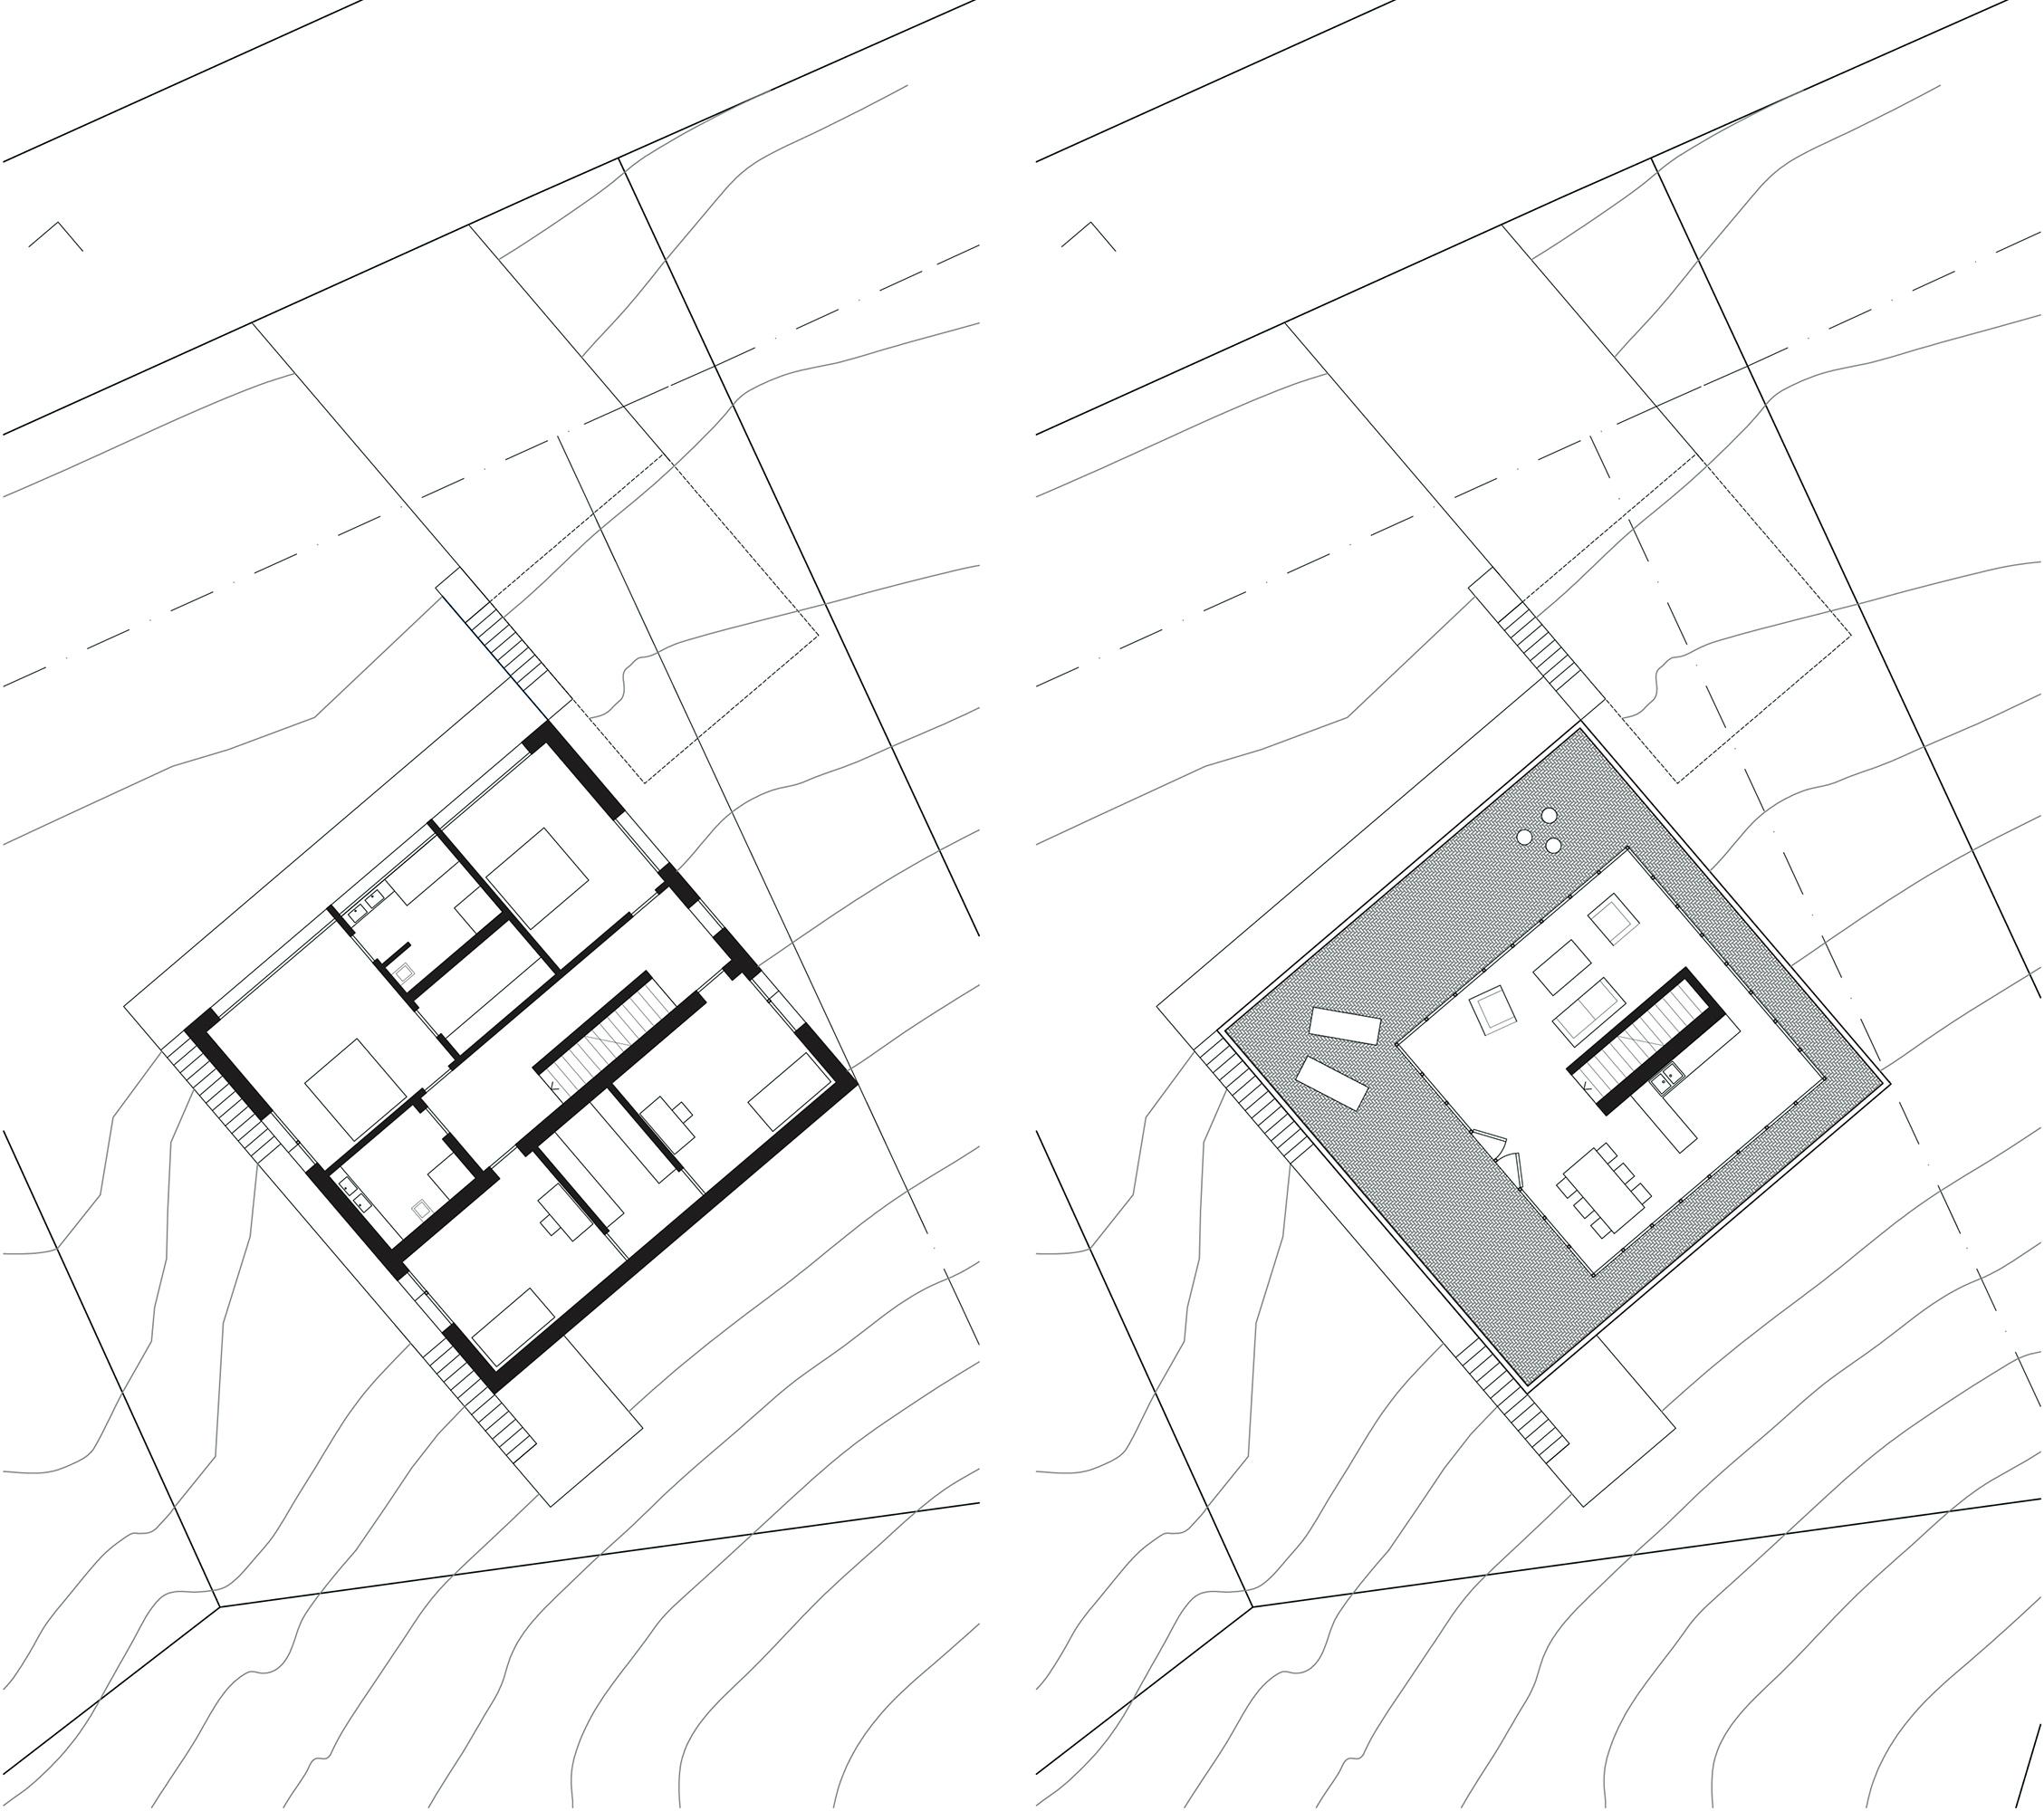 Architektur_offizin-a_gatto.weber.architekten_Projekte_Wohnen_EFH Hohermuth_03.jpg